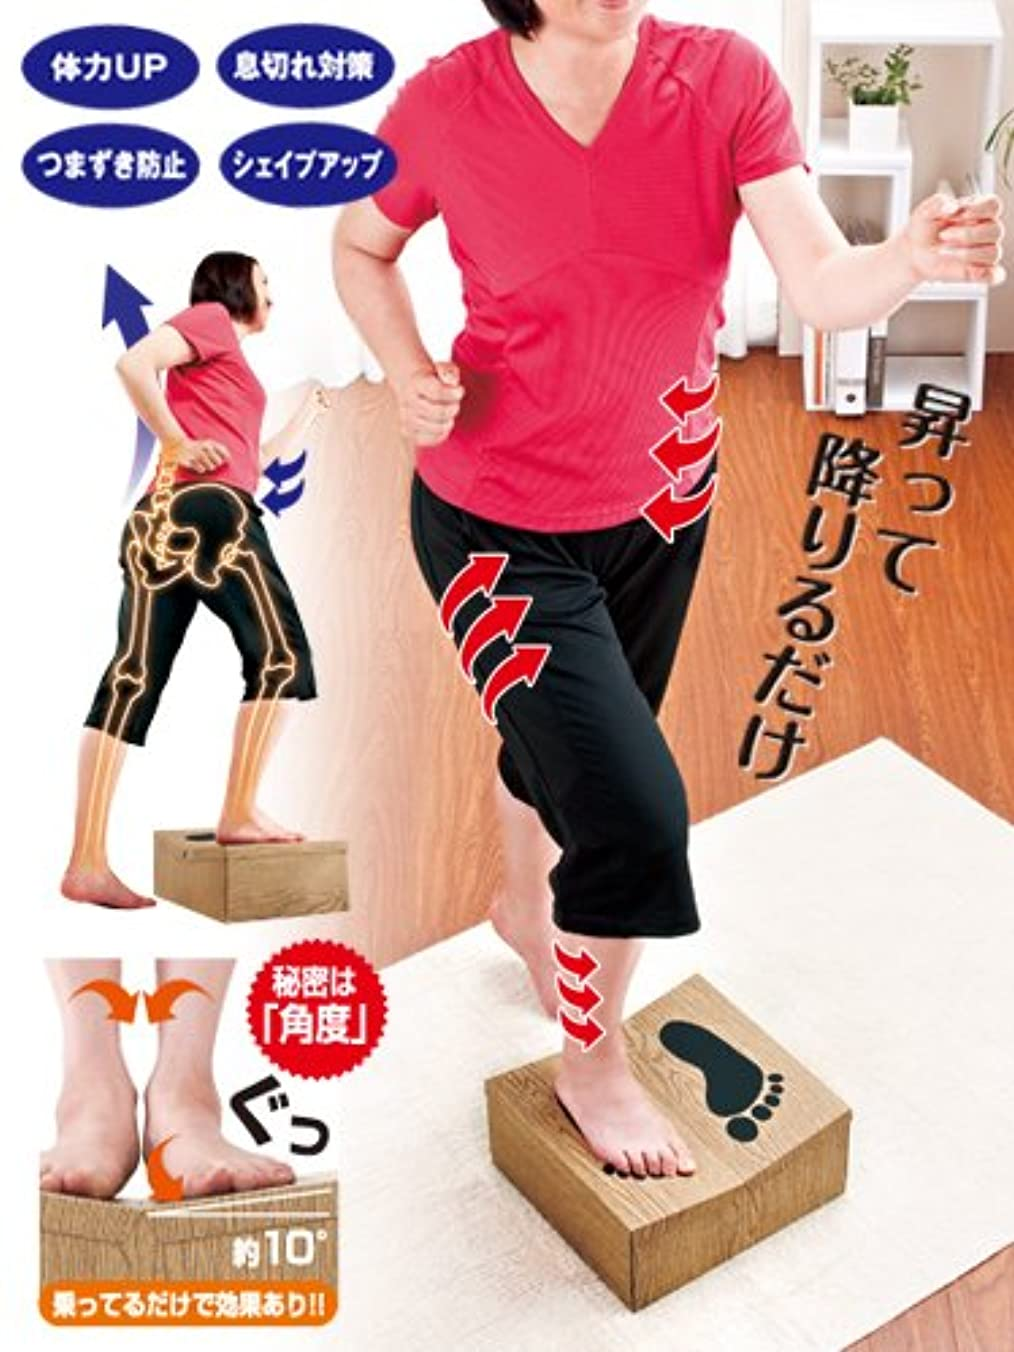 振り返る目指す影響するどこでもエクササイズフミッパー 踏み台運動 フミッパー ステップ運動 踏み台 ステップ体操 上り下り運動 有酸素運動 つまずき防止 ダイエット器具 健康器具 リハビリ 踏み台昇降運動